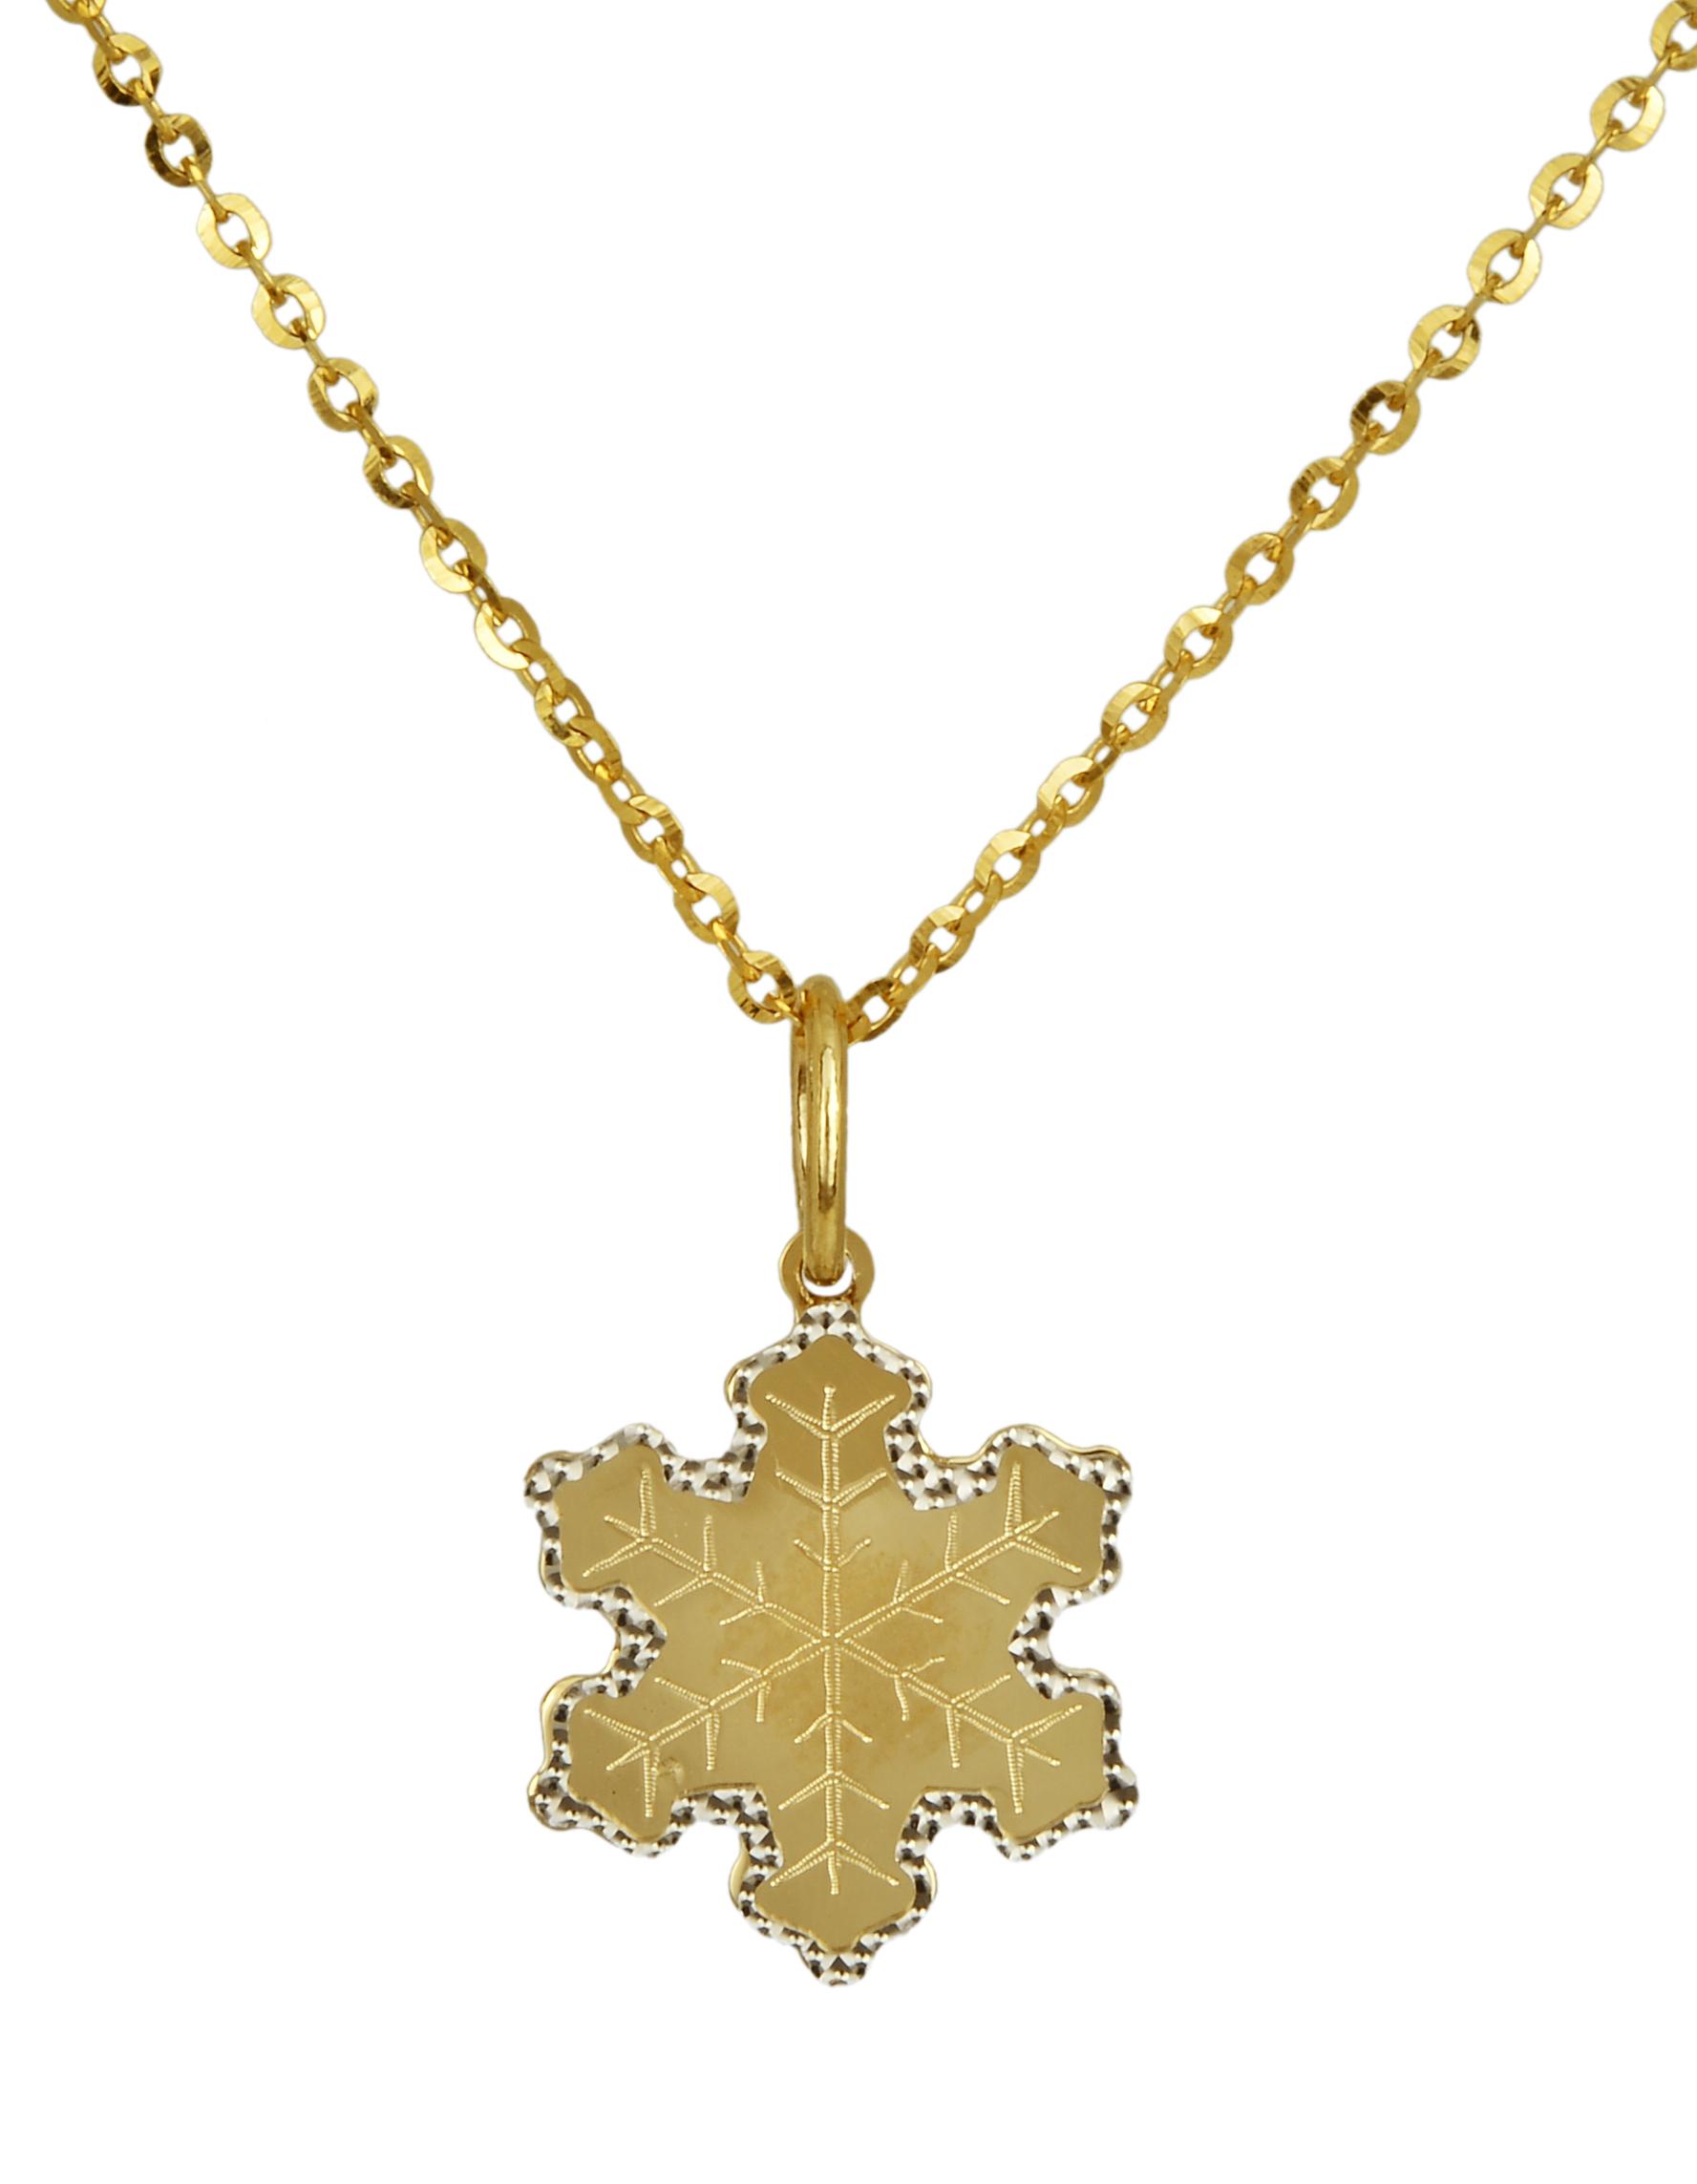 Κολιέ χρυσό νιφάδα 016338 Χρυσός 14 Καράτια